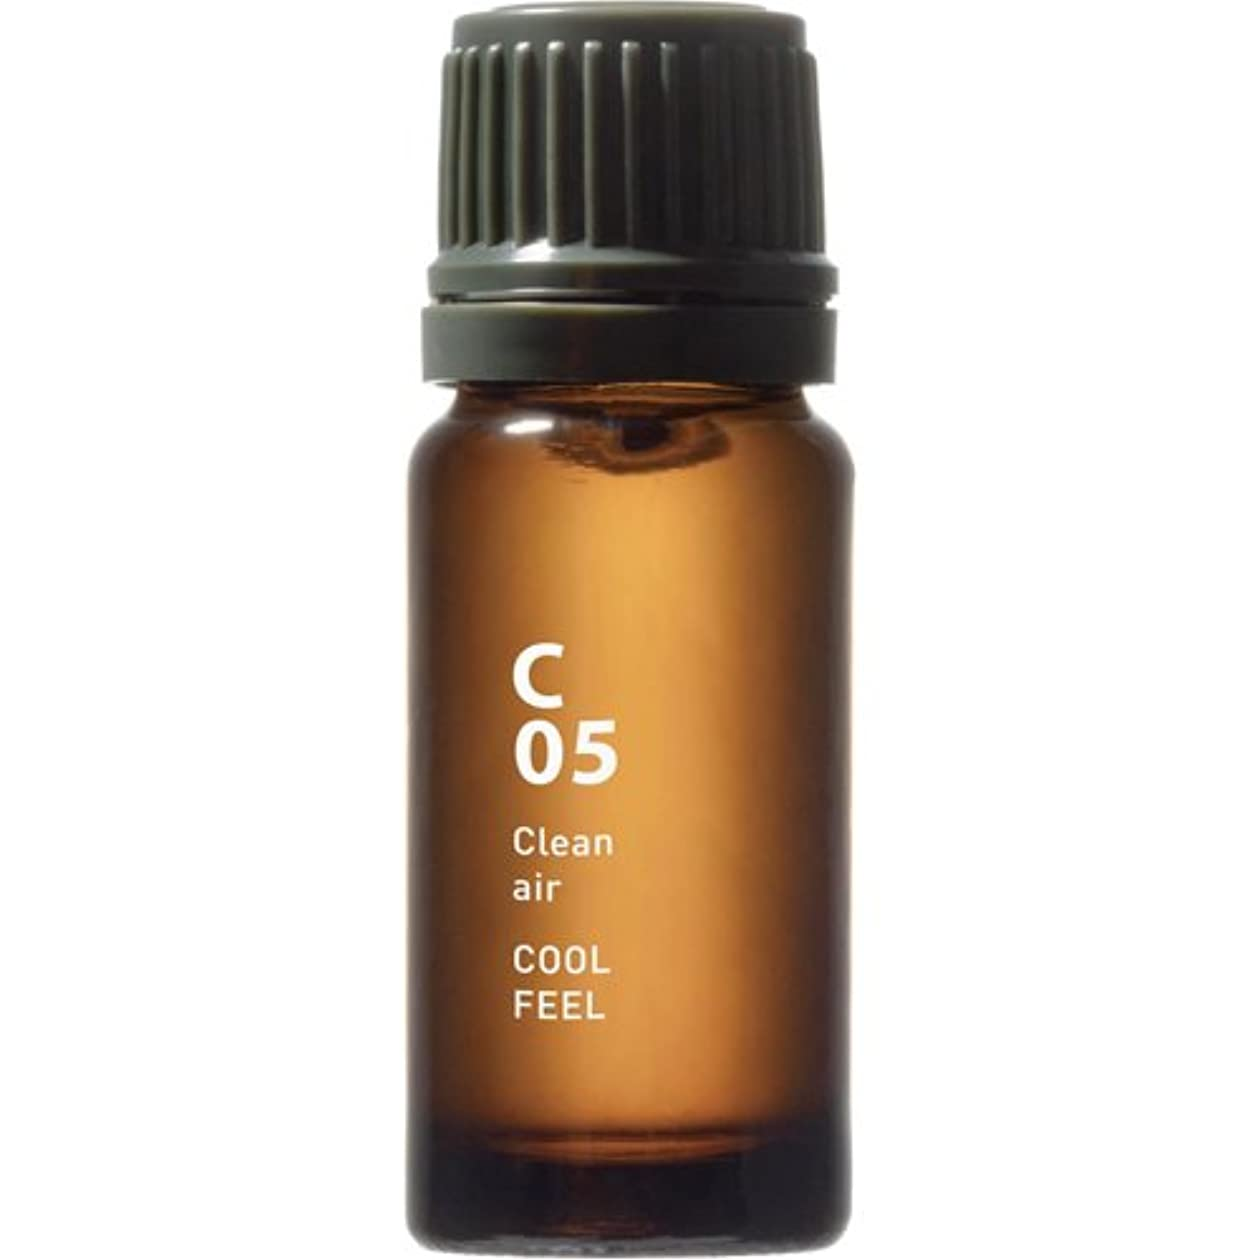 スプレーギャップ書誌C05 COOL FEEL Clean air 10ml